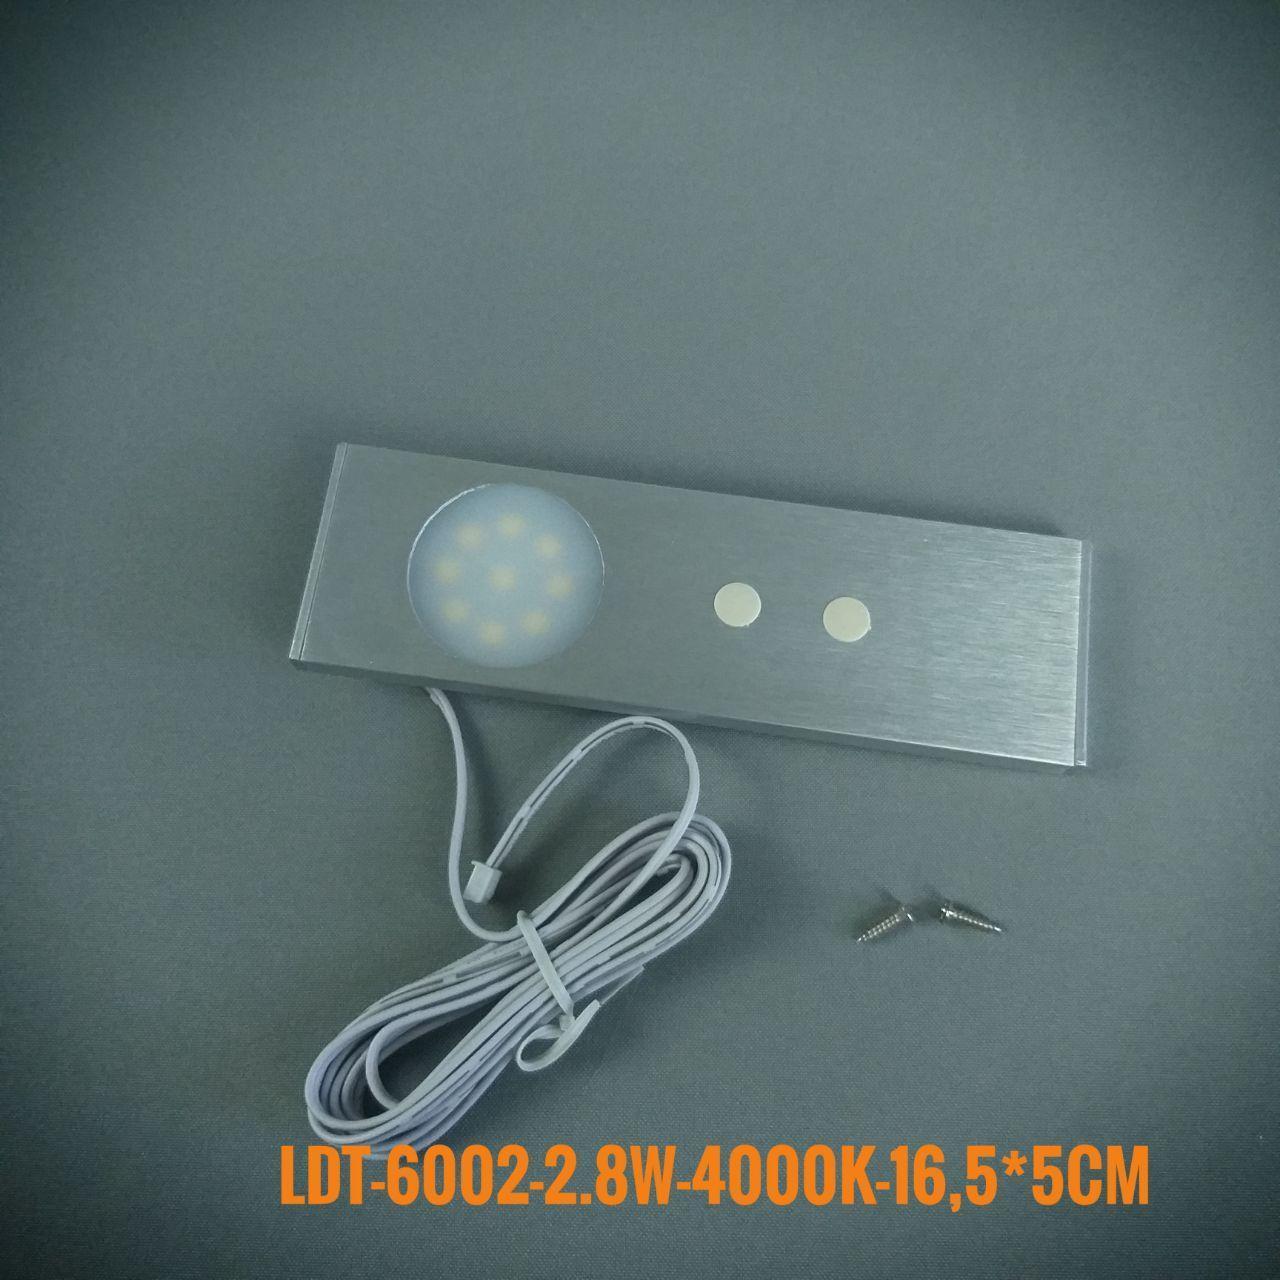 Мебельный встраиваемый светильник LDT-6002 W 2,8Wt